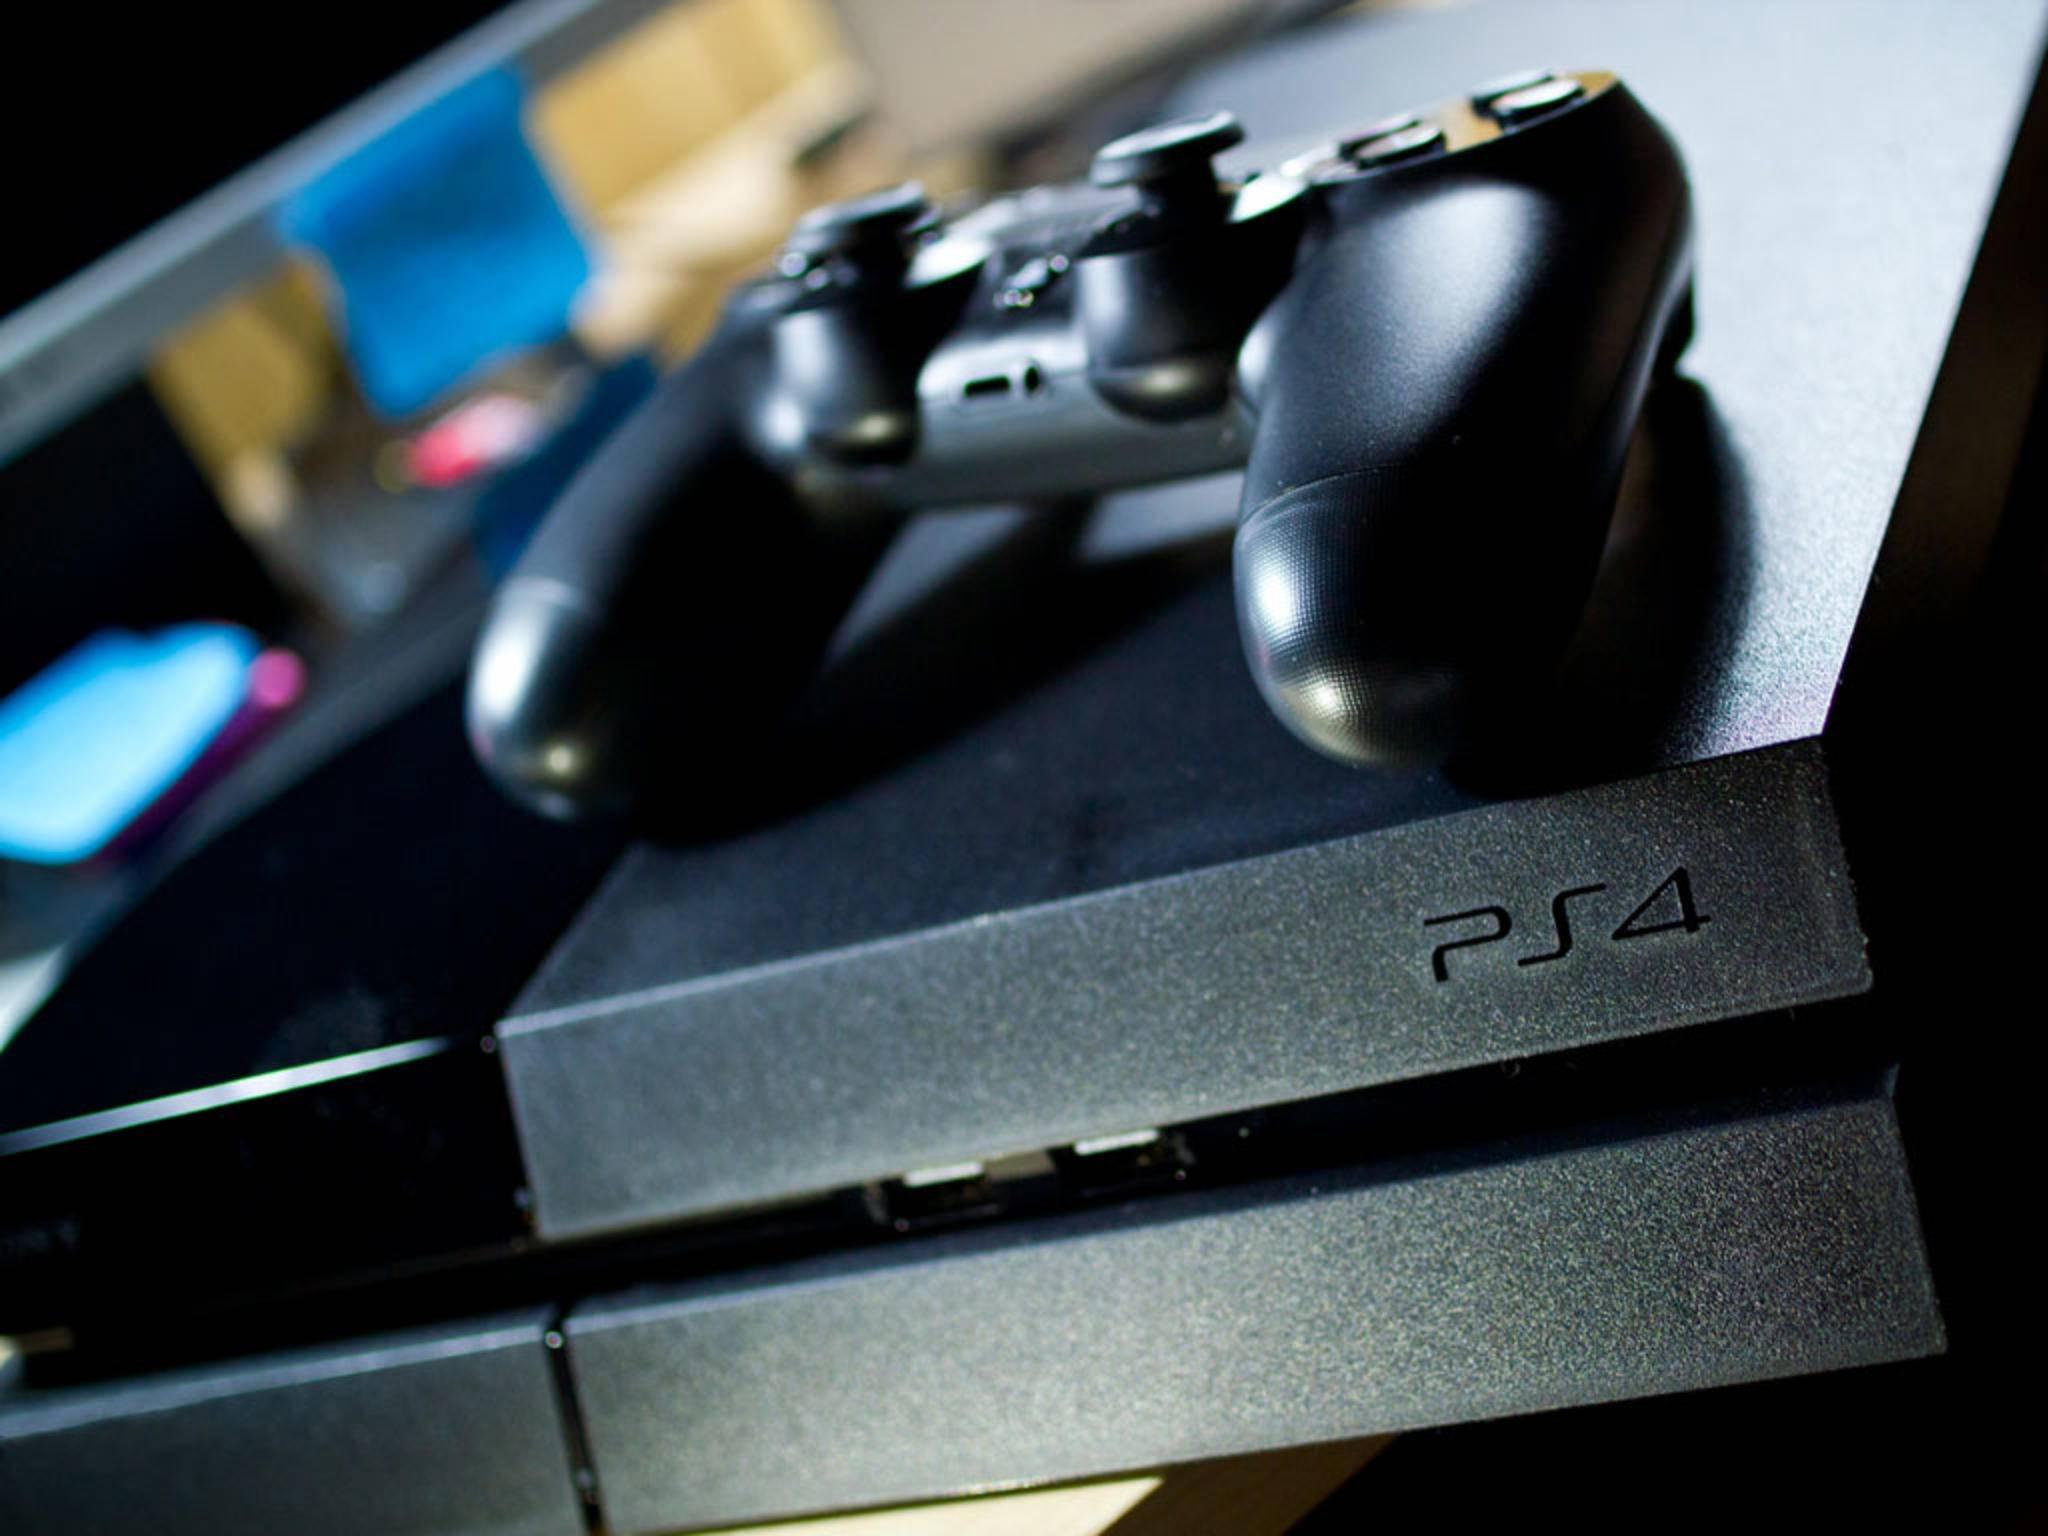 Die PS4 bekommt ihr eigenes Beta-Programm.